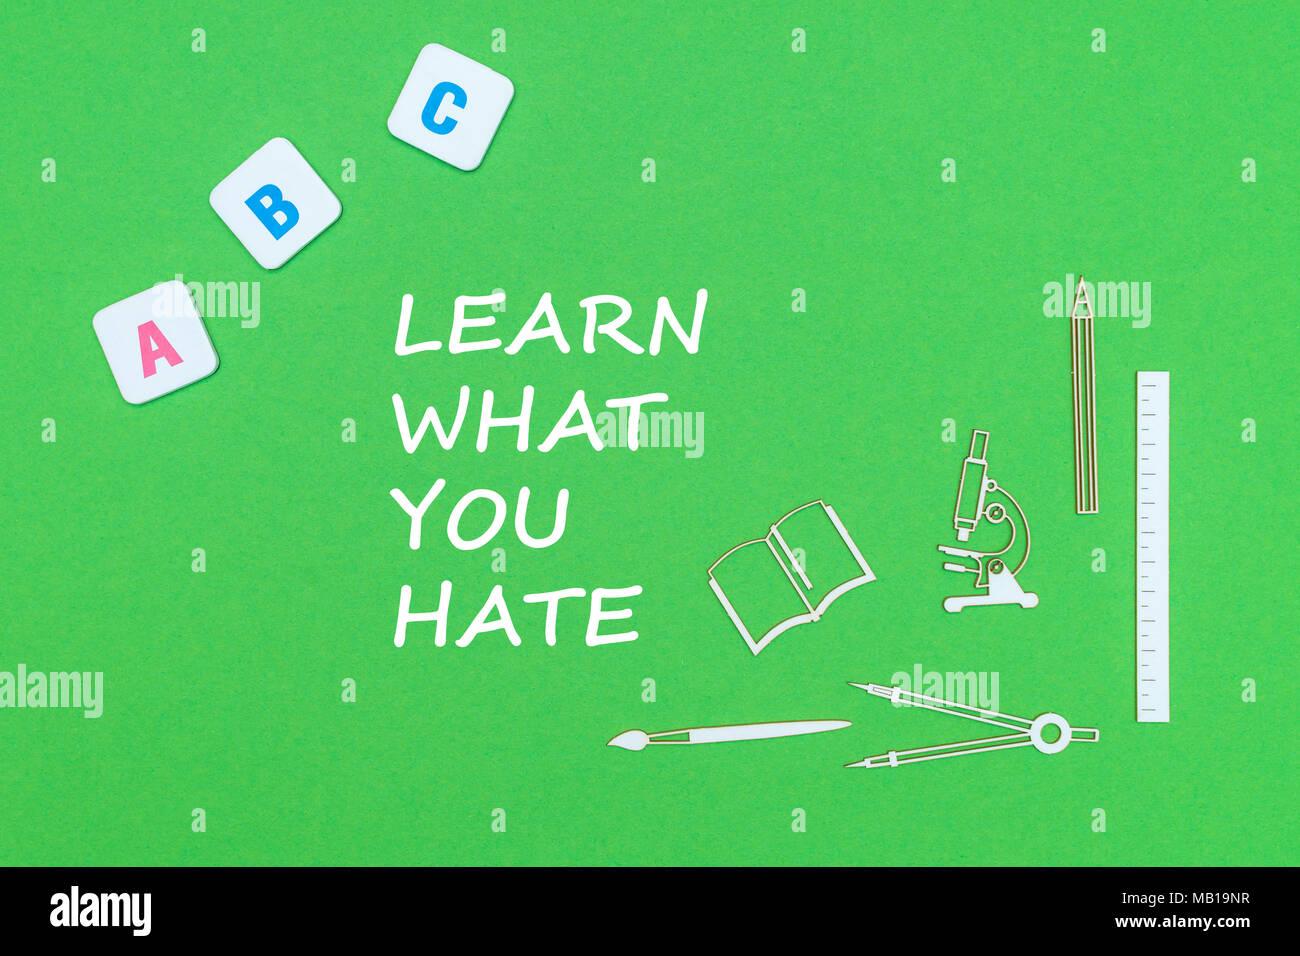 L'école concept, texte apprenez ce que vous la haine, les fournitures scolaires, minitures en bois lettres abc sur panneau vert Photo Stock